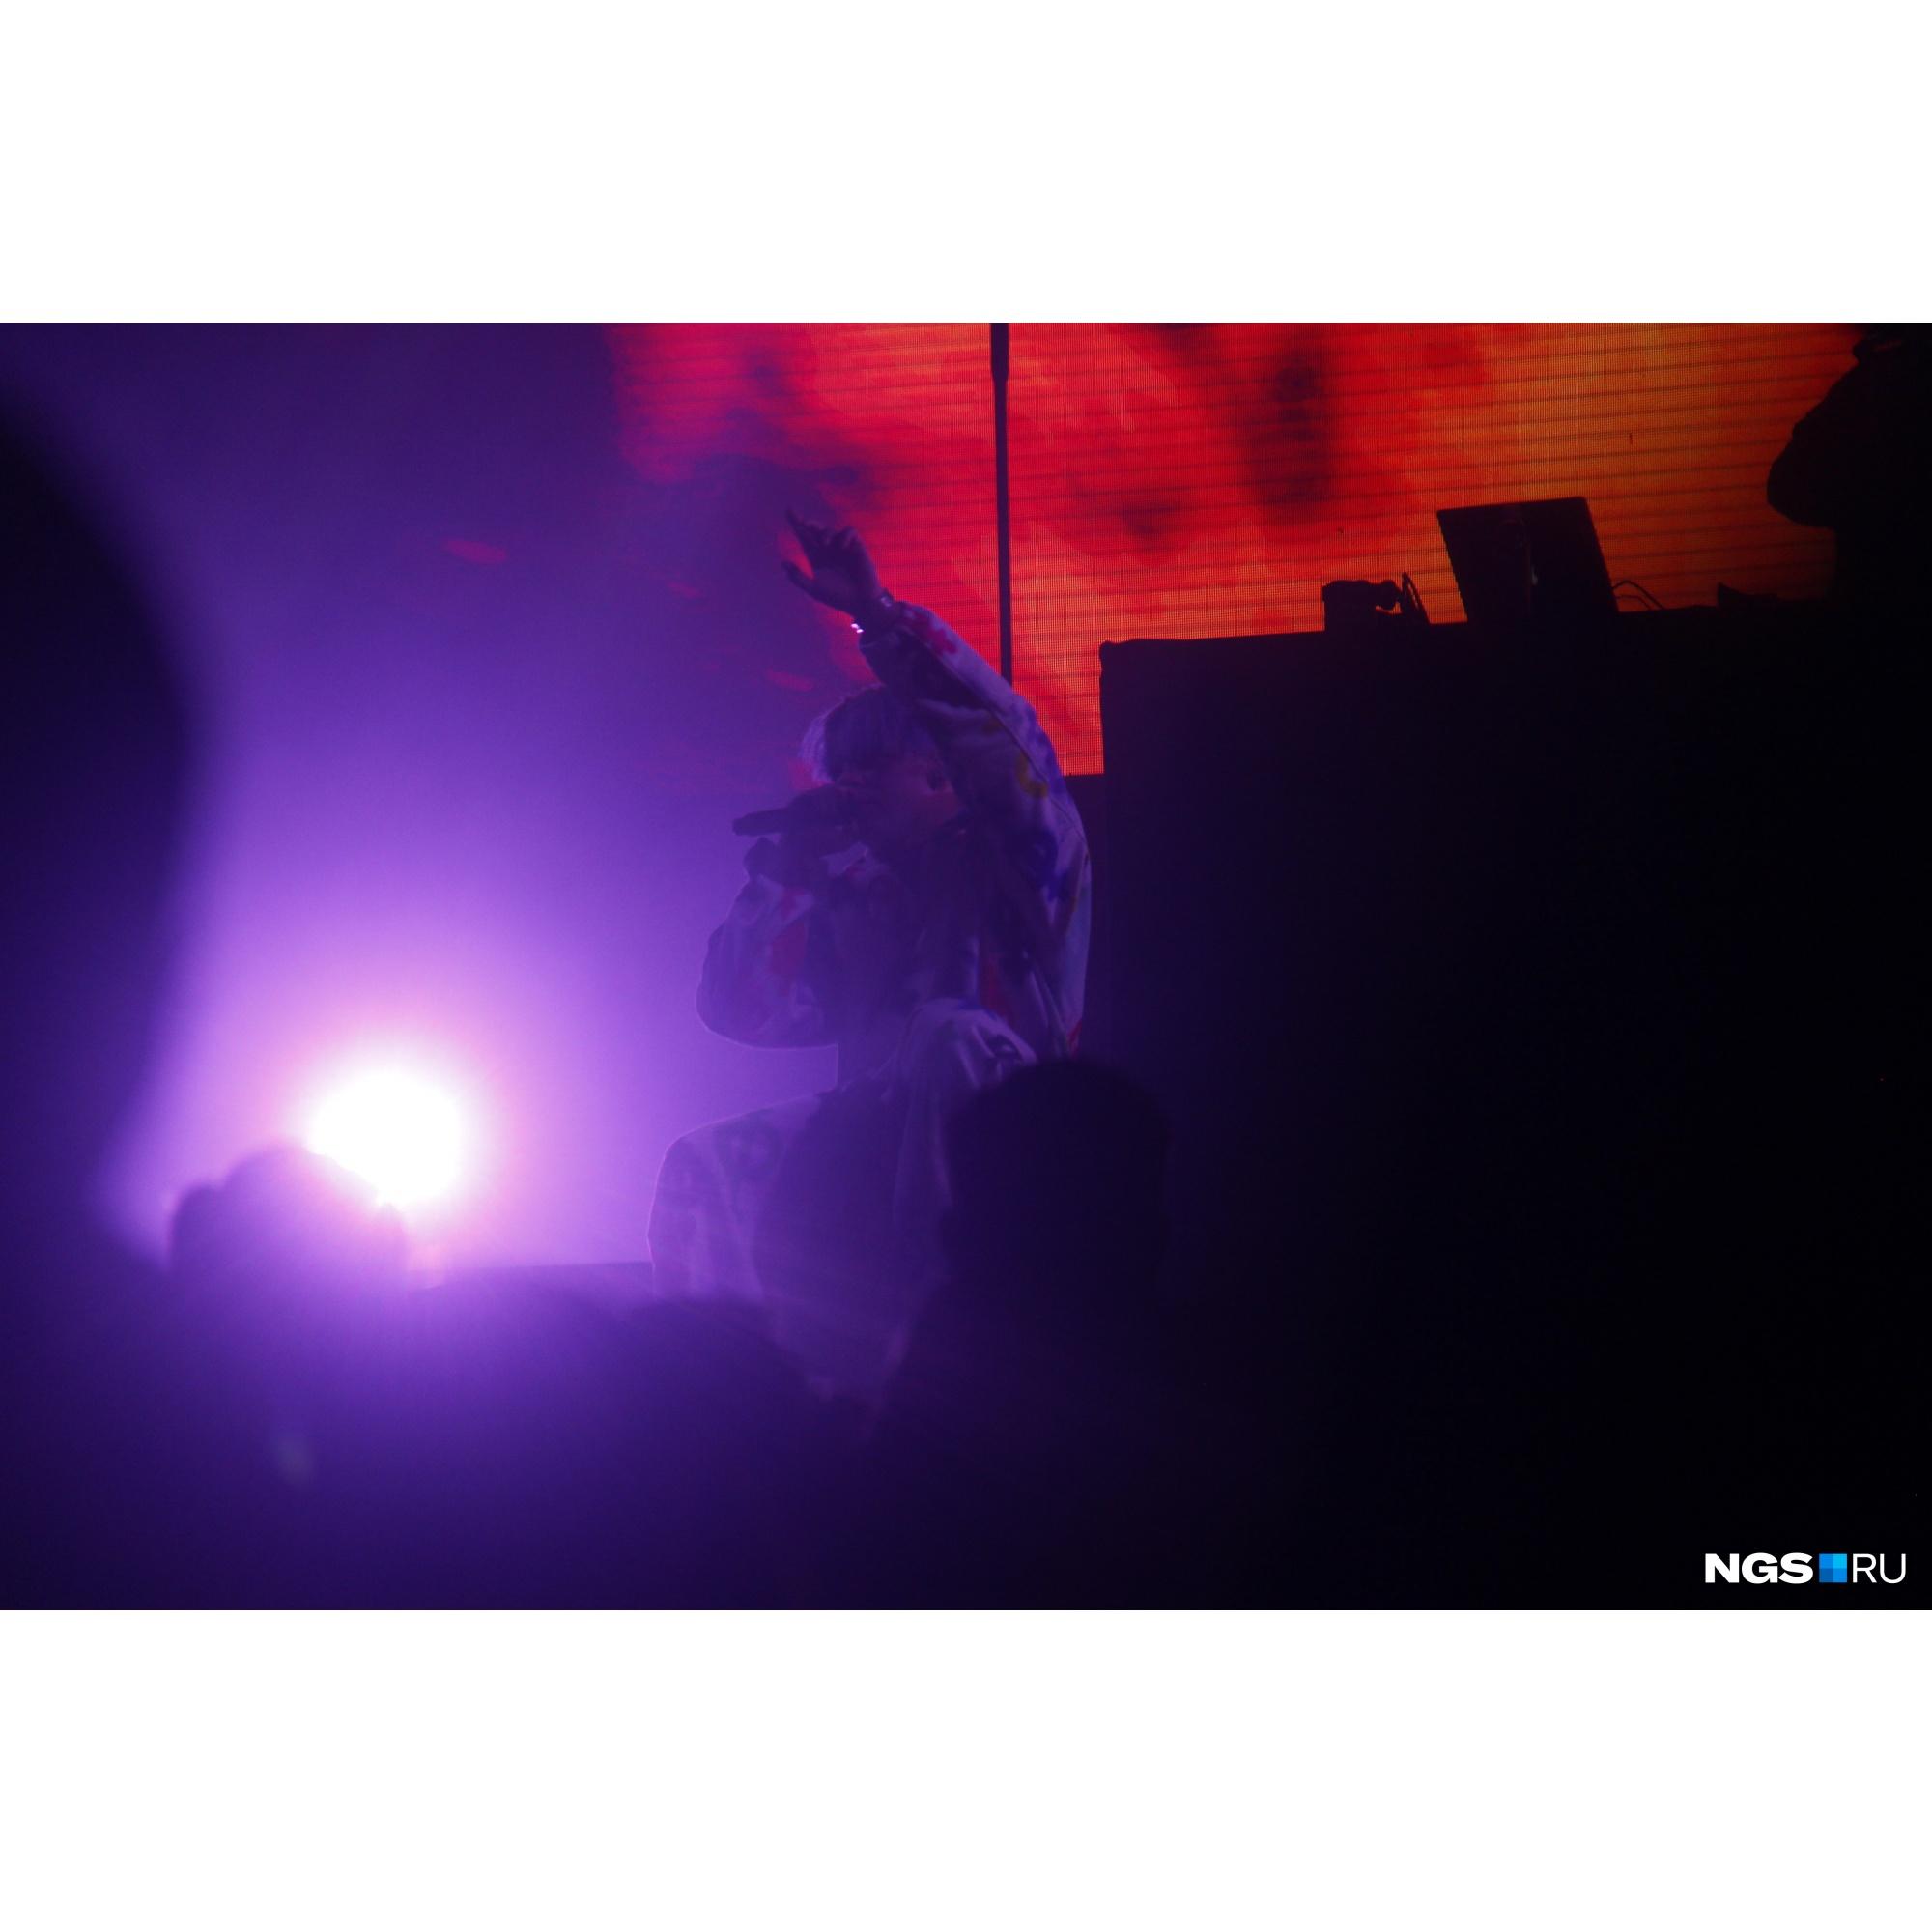 Билеты на концерт можно было купить от 1500 рублей